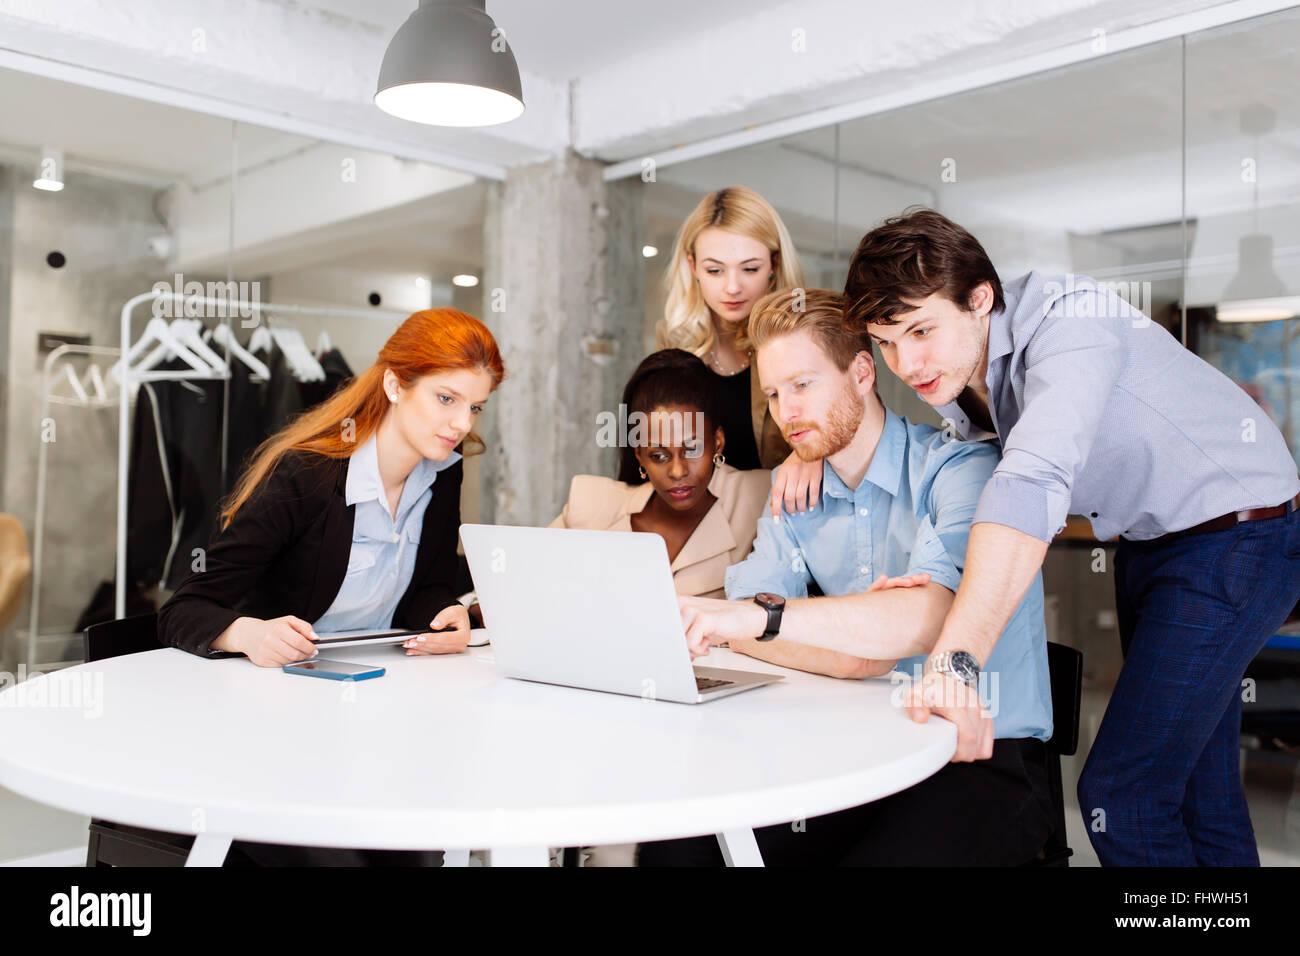 Les gens d'affaires créatifs et designers brainstorming dans un bureau moderne Photo Stock